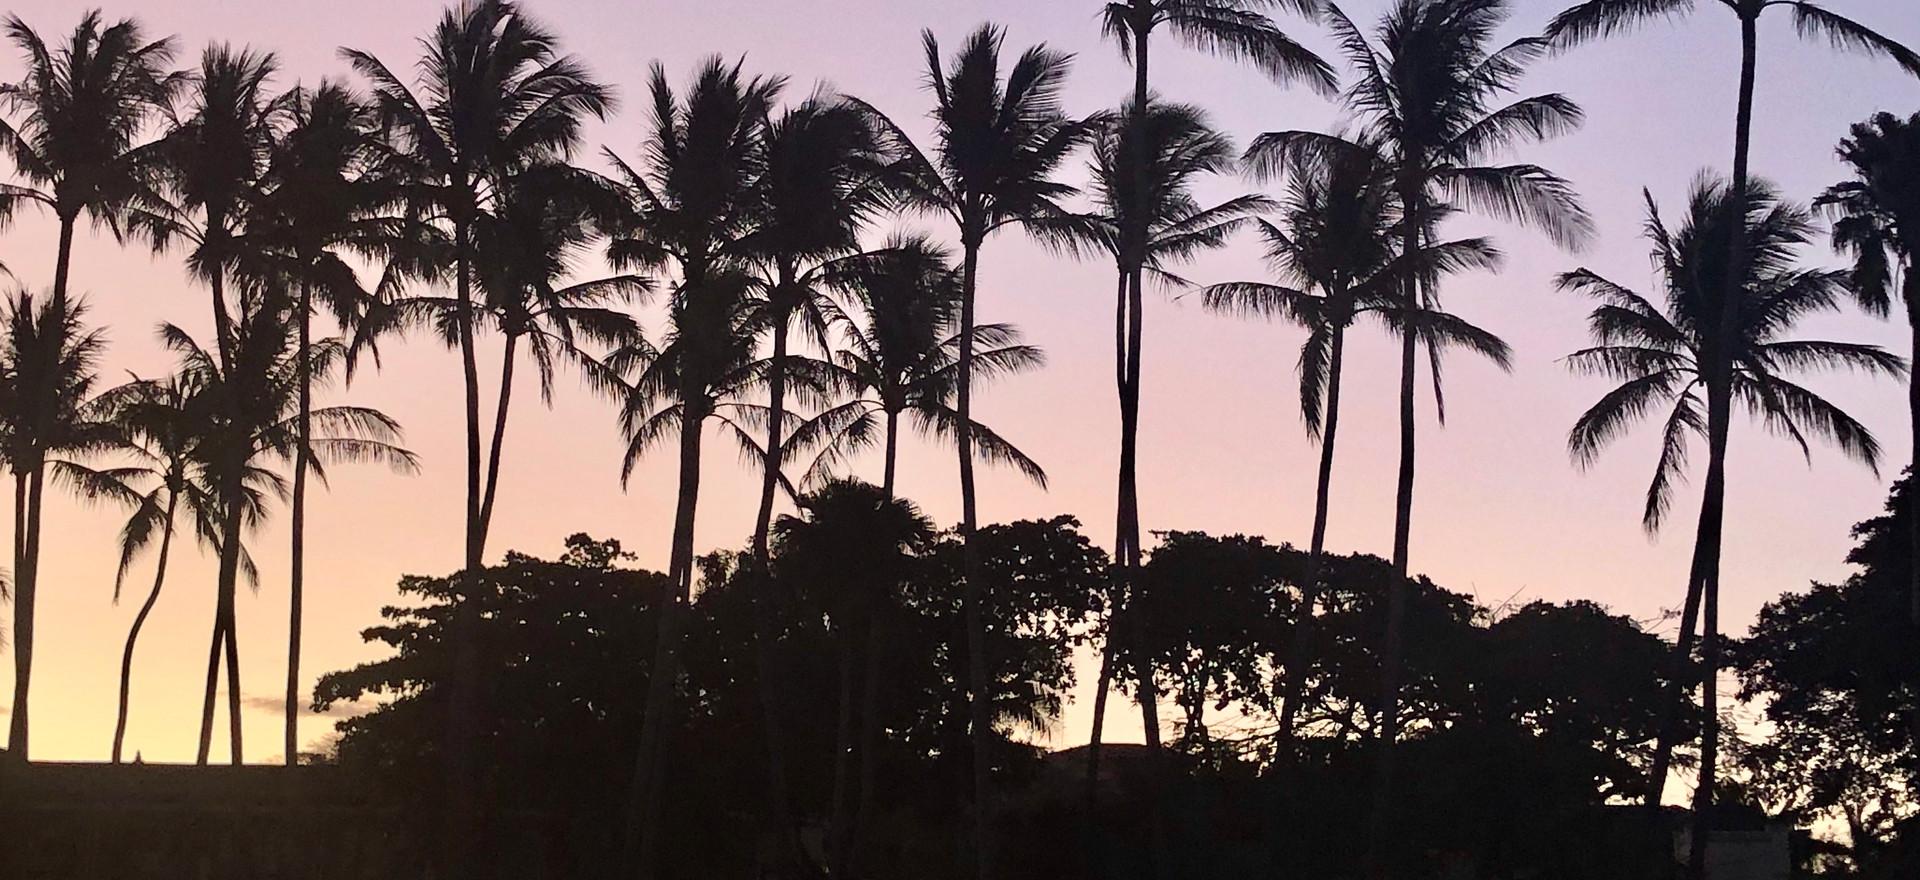 First Light Behind Palms